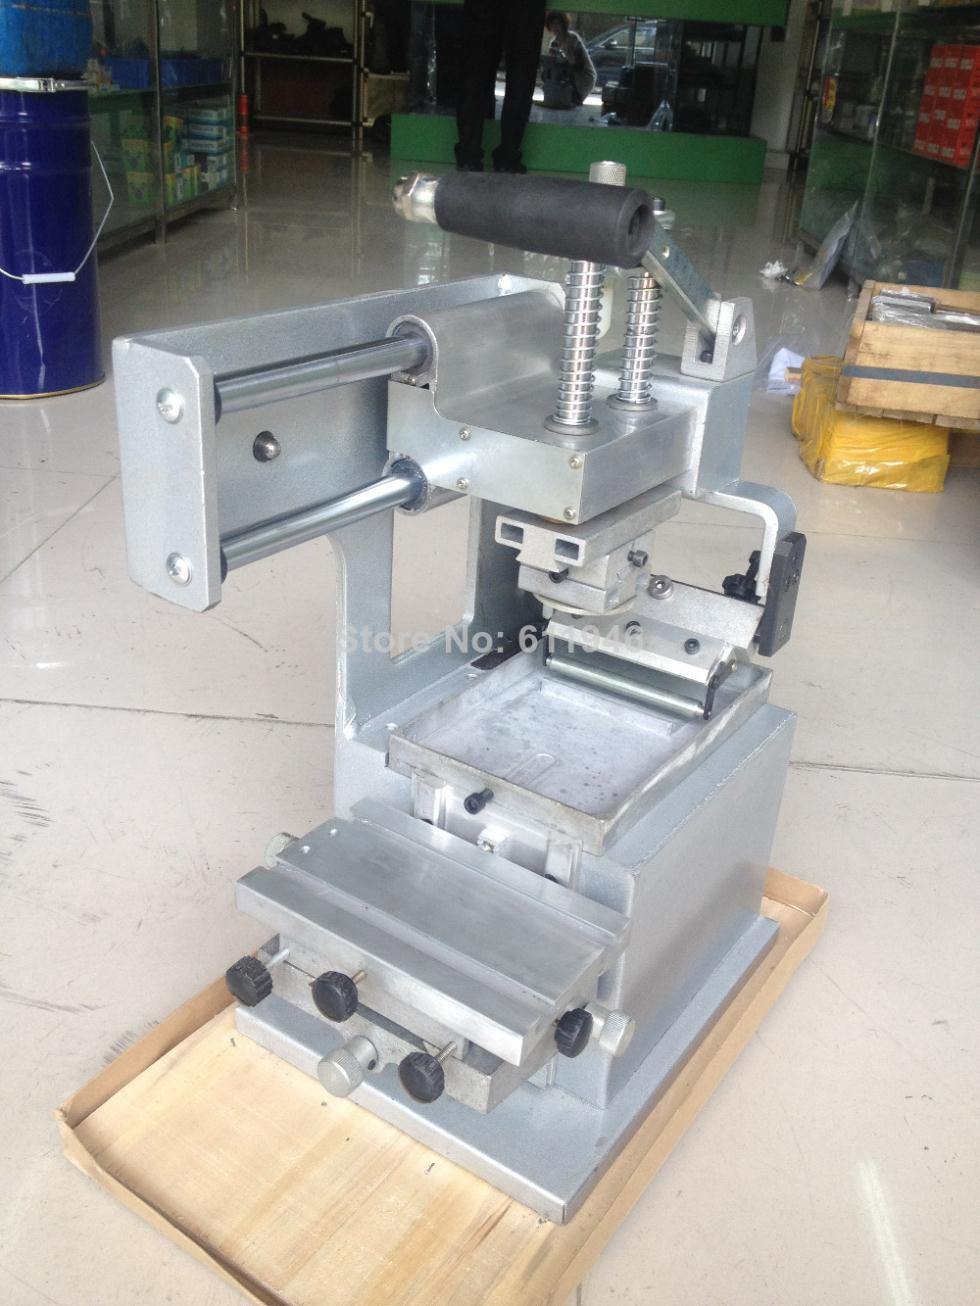 Ручная печатная машина для печати логотипа компании, оборудование для принтера, одноцветная штамповка масла, дизайн, штамповка, головка для...